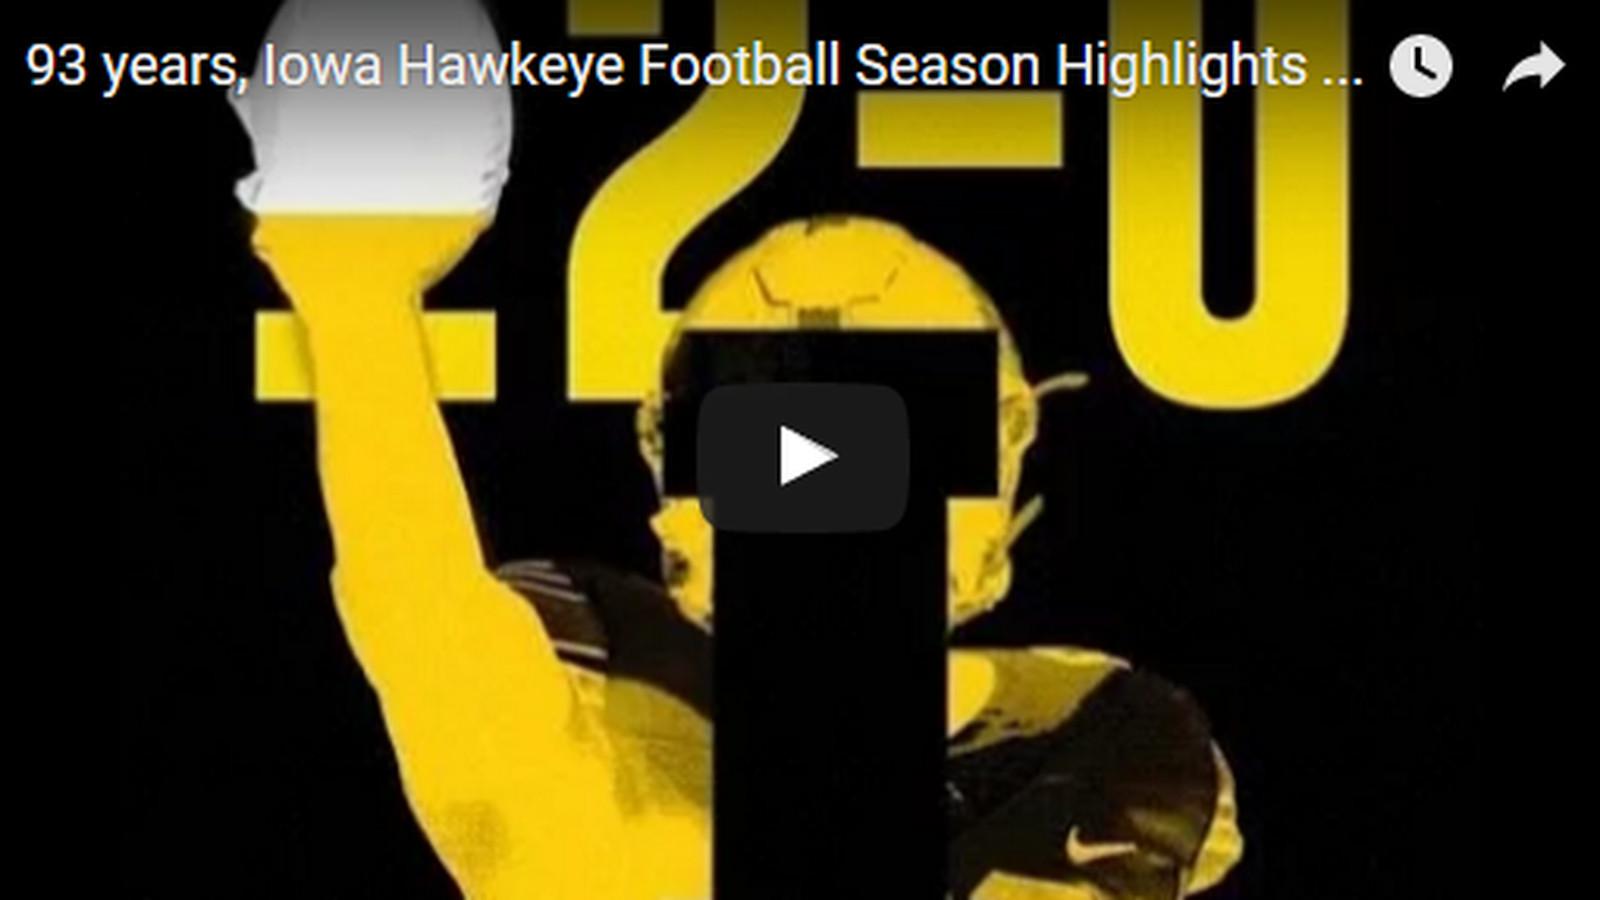 VIDEO: 93 years, Iowa Hawkeye Football Season Highlights ...